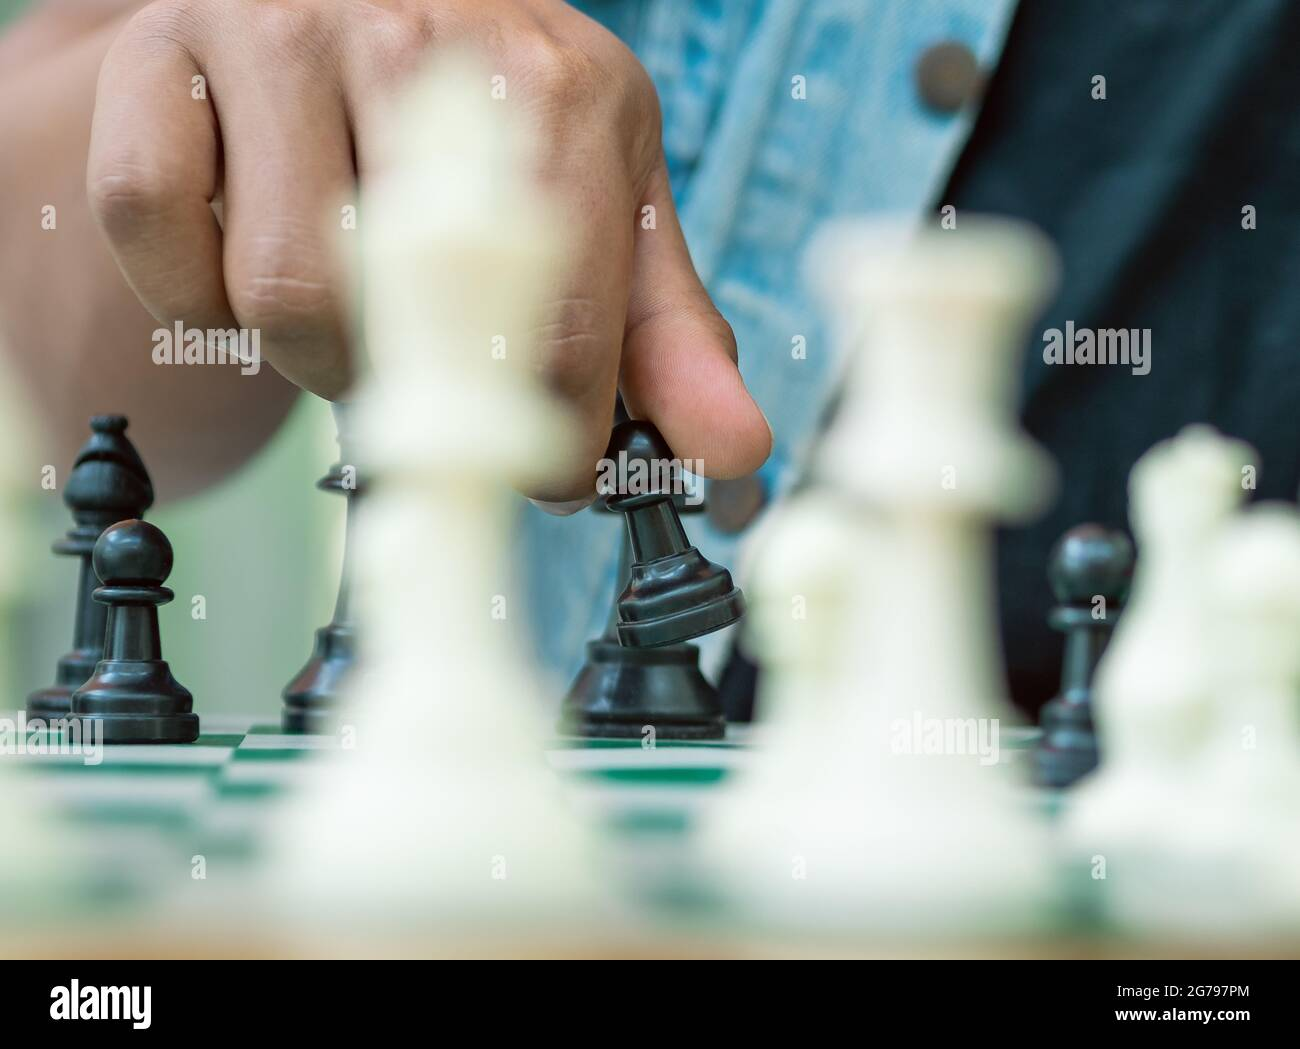 Jeu d'échecs sur un plateau vert, une main tient un pion noir Banque D'Images